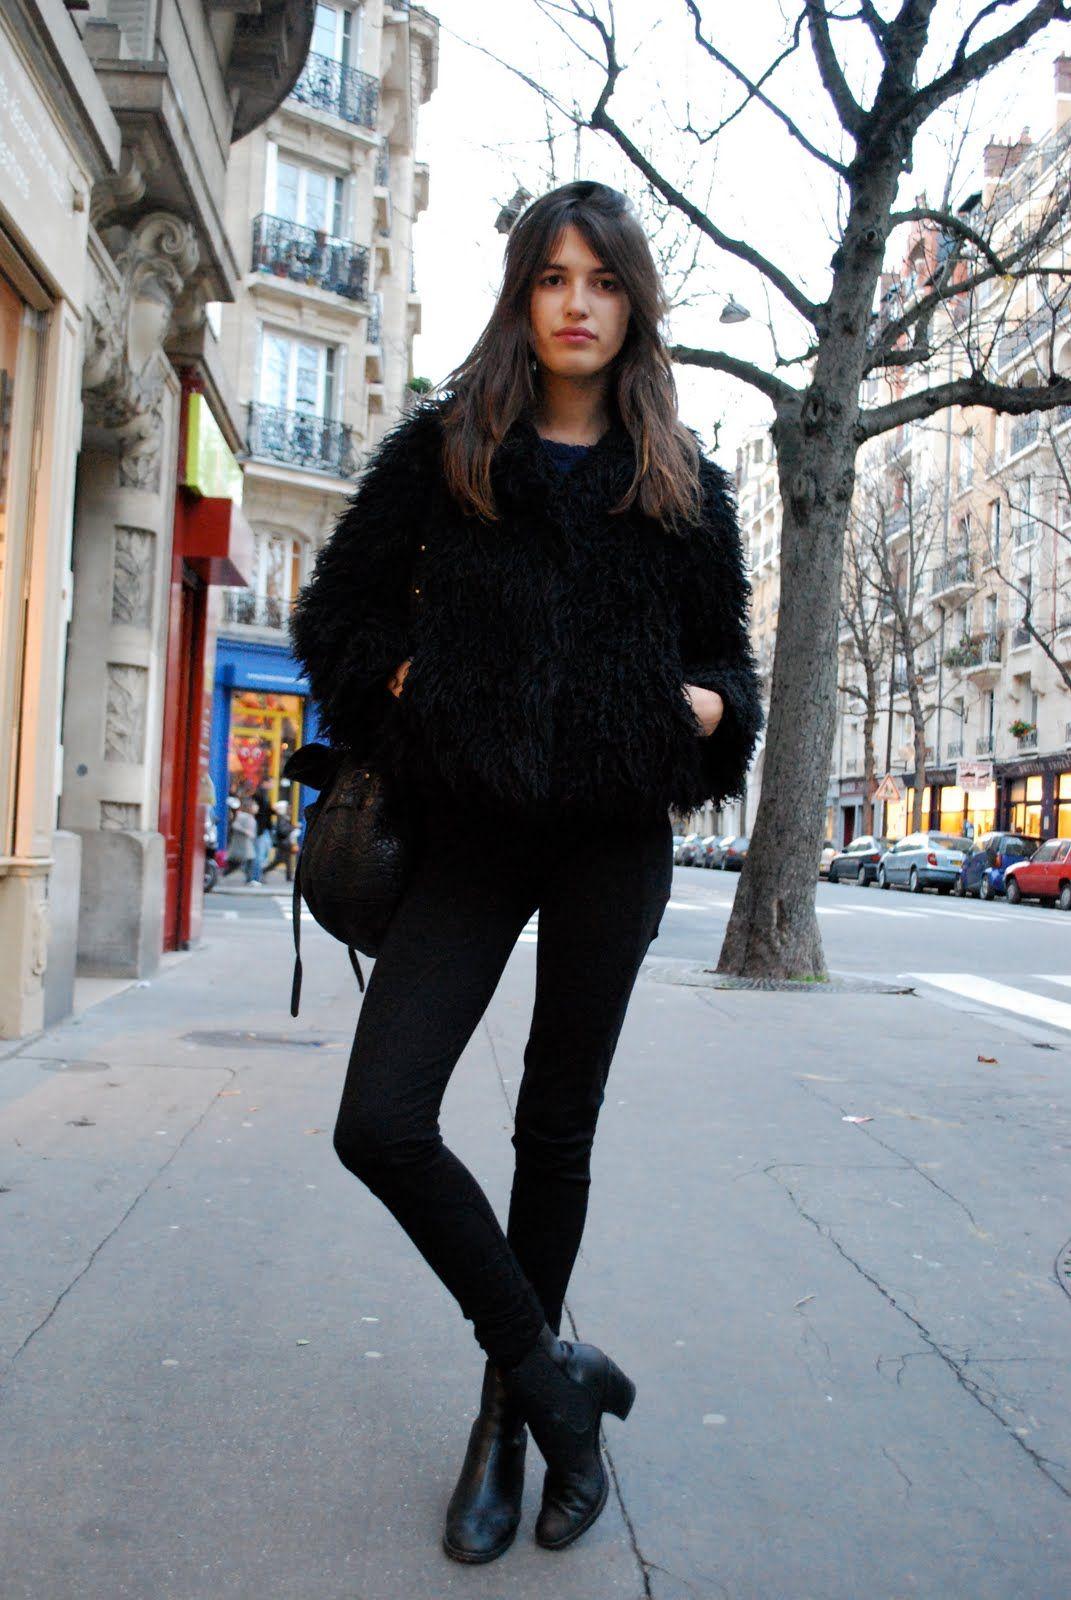 Super Jeanne Damas La Parisienne porte du noir | f e m m e | Pinterest  DI37